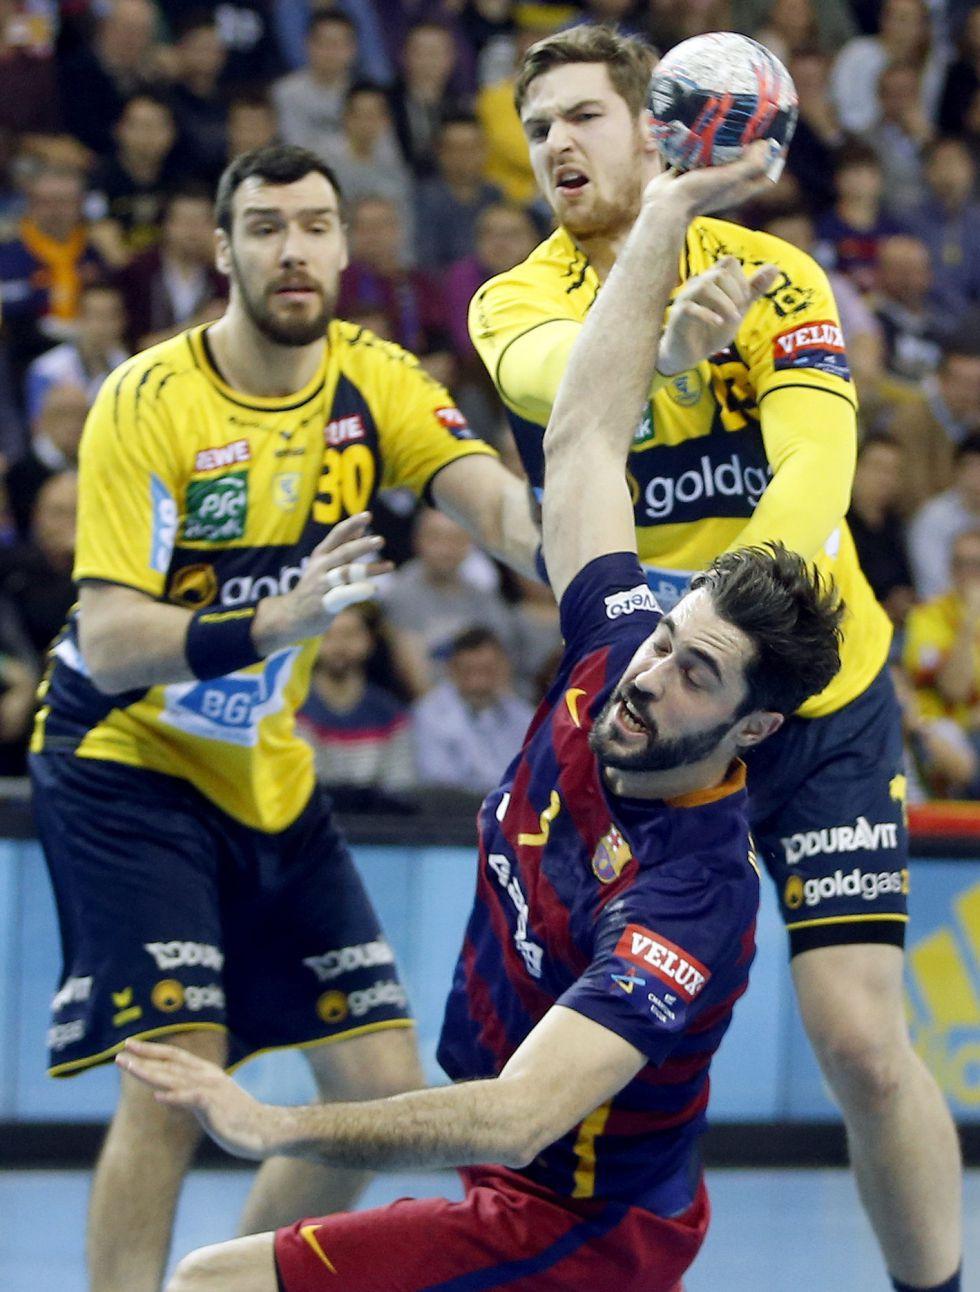 Copa del Rey, balonmano 2016 1457986361_864727_1457986501_noticia_grande